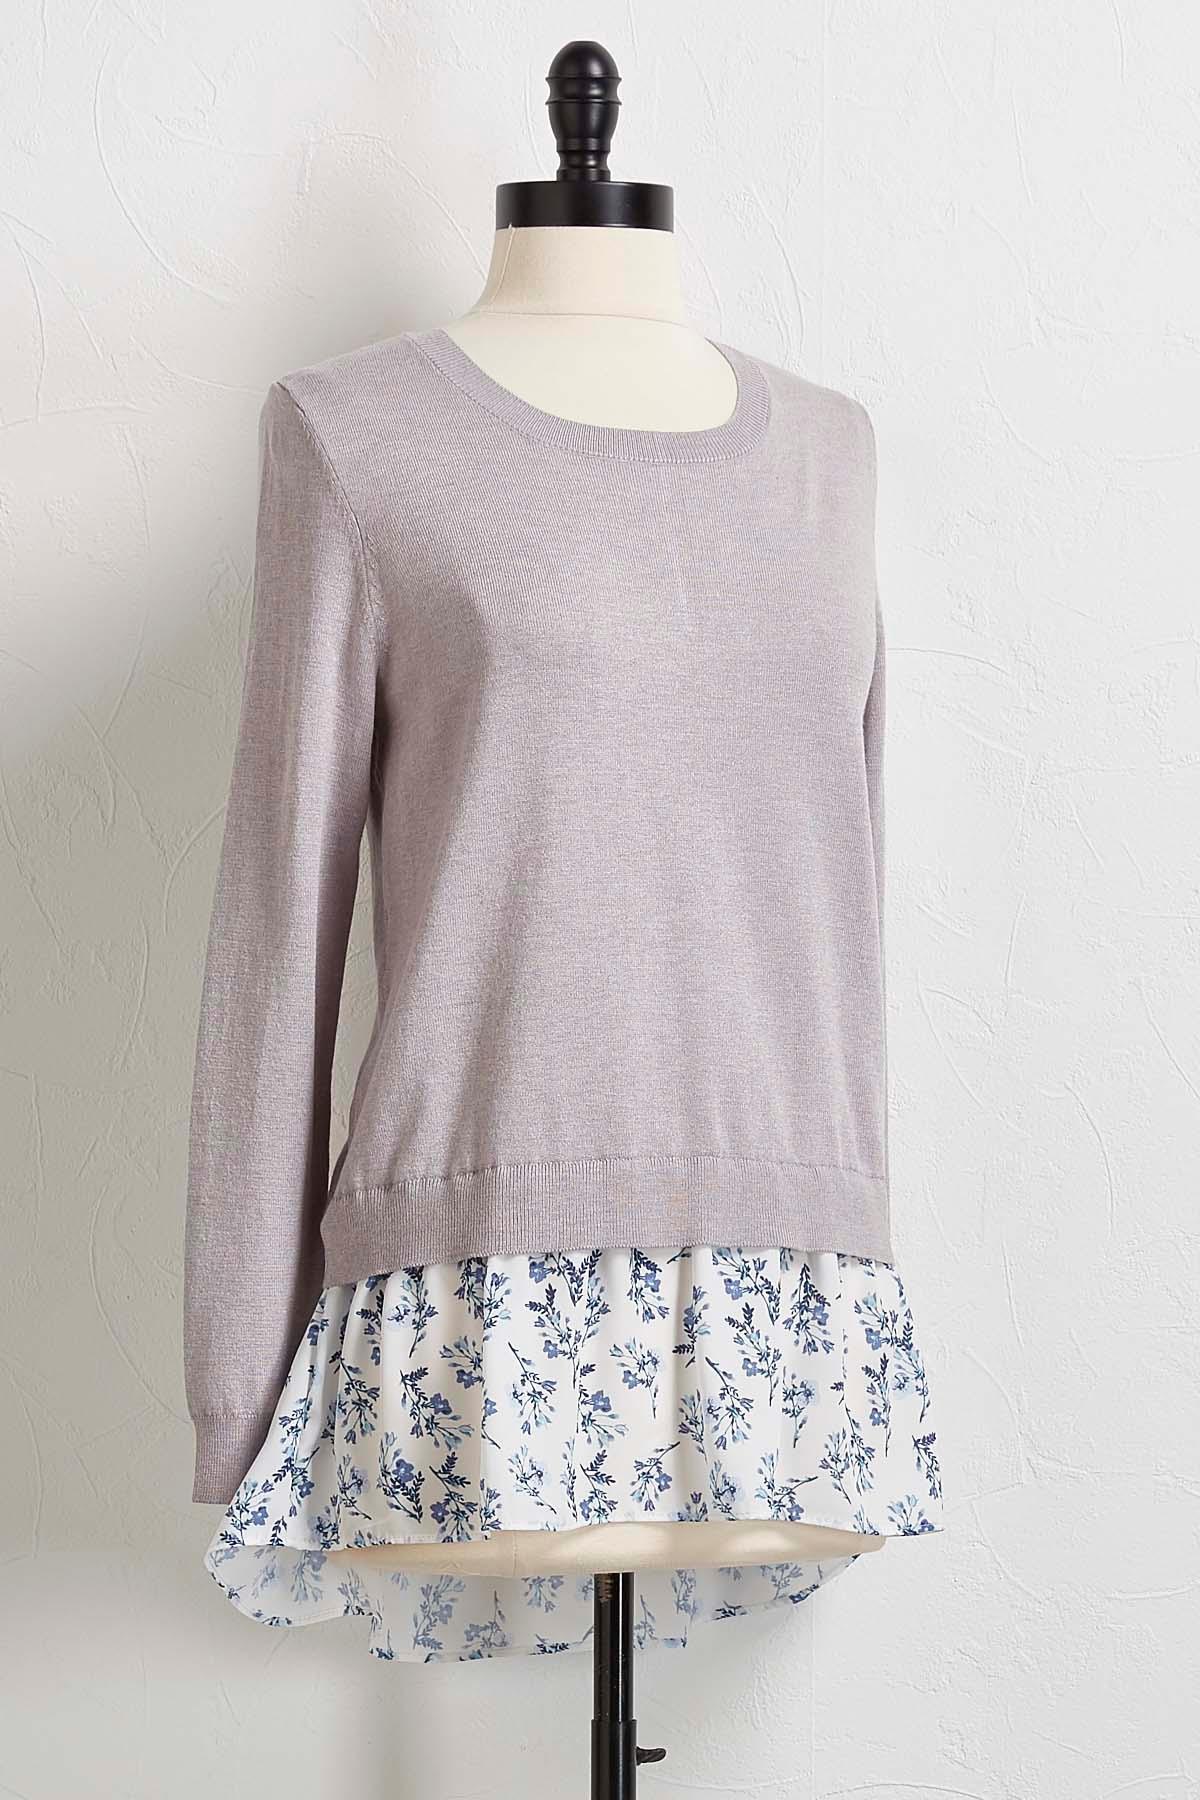 Floral Chiffon Layered Sweater